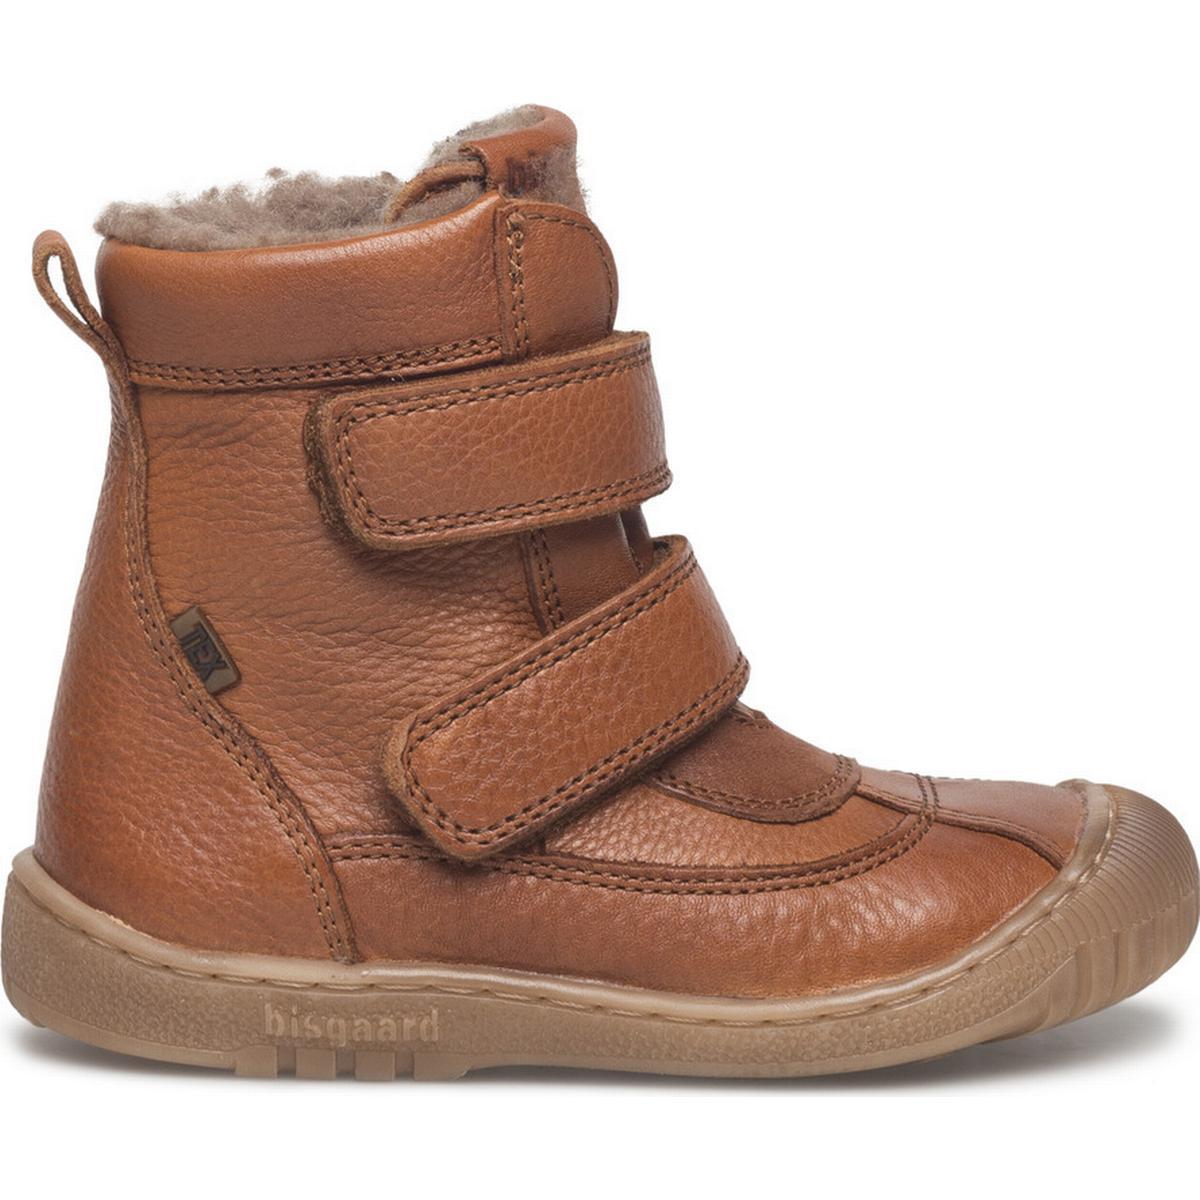 Børn Sko Bisgaard TEX boot – Støvler – Brun | Udsalg Danmark